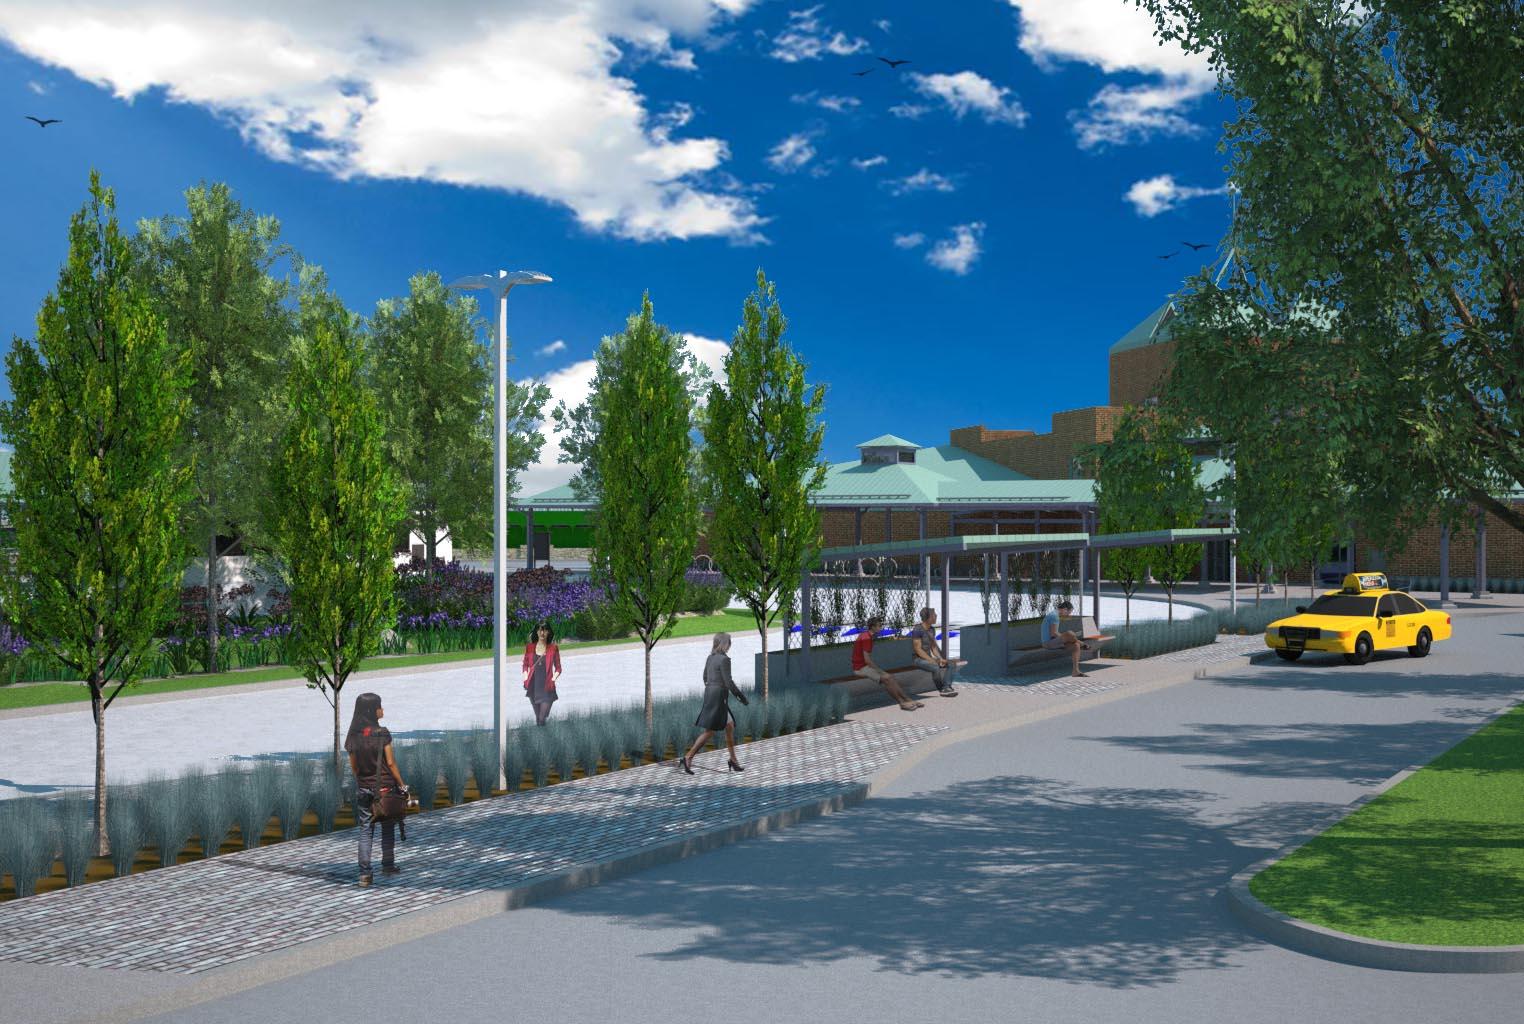 Newport Transportation & Visitors Center